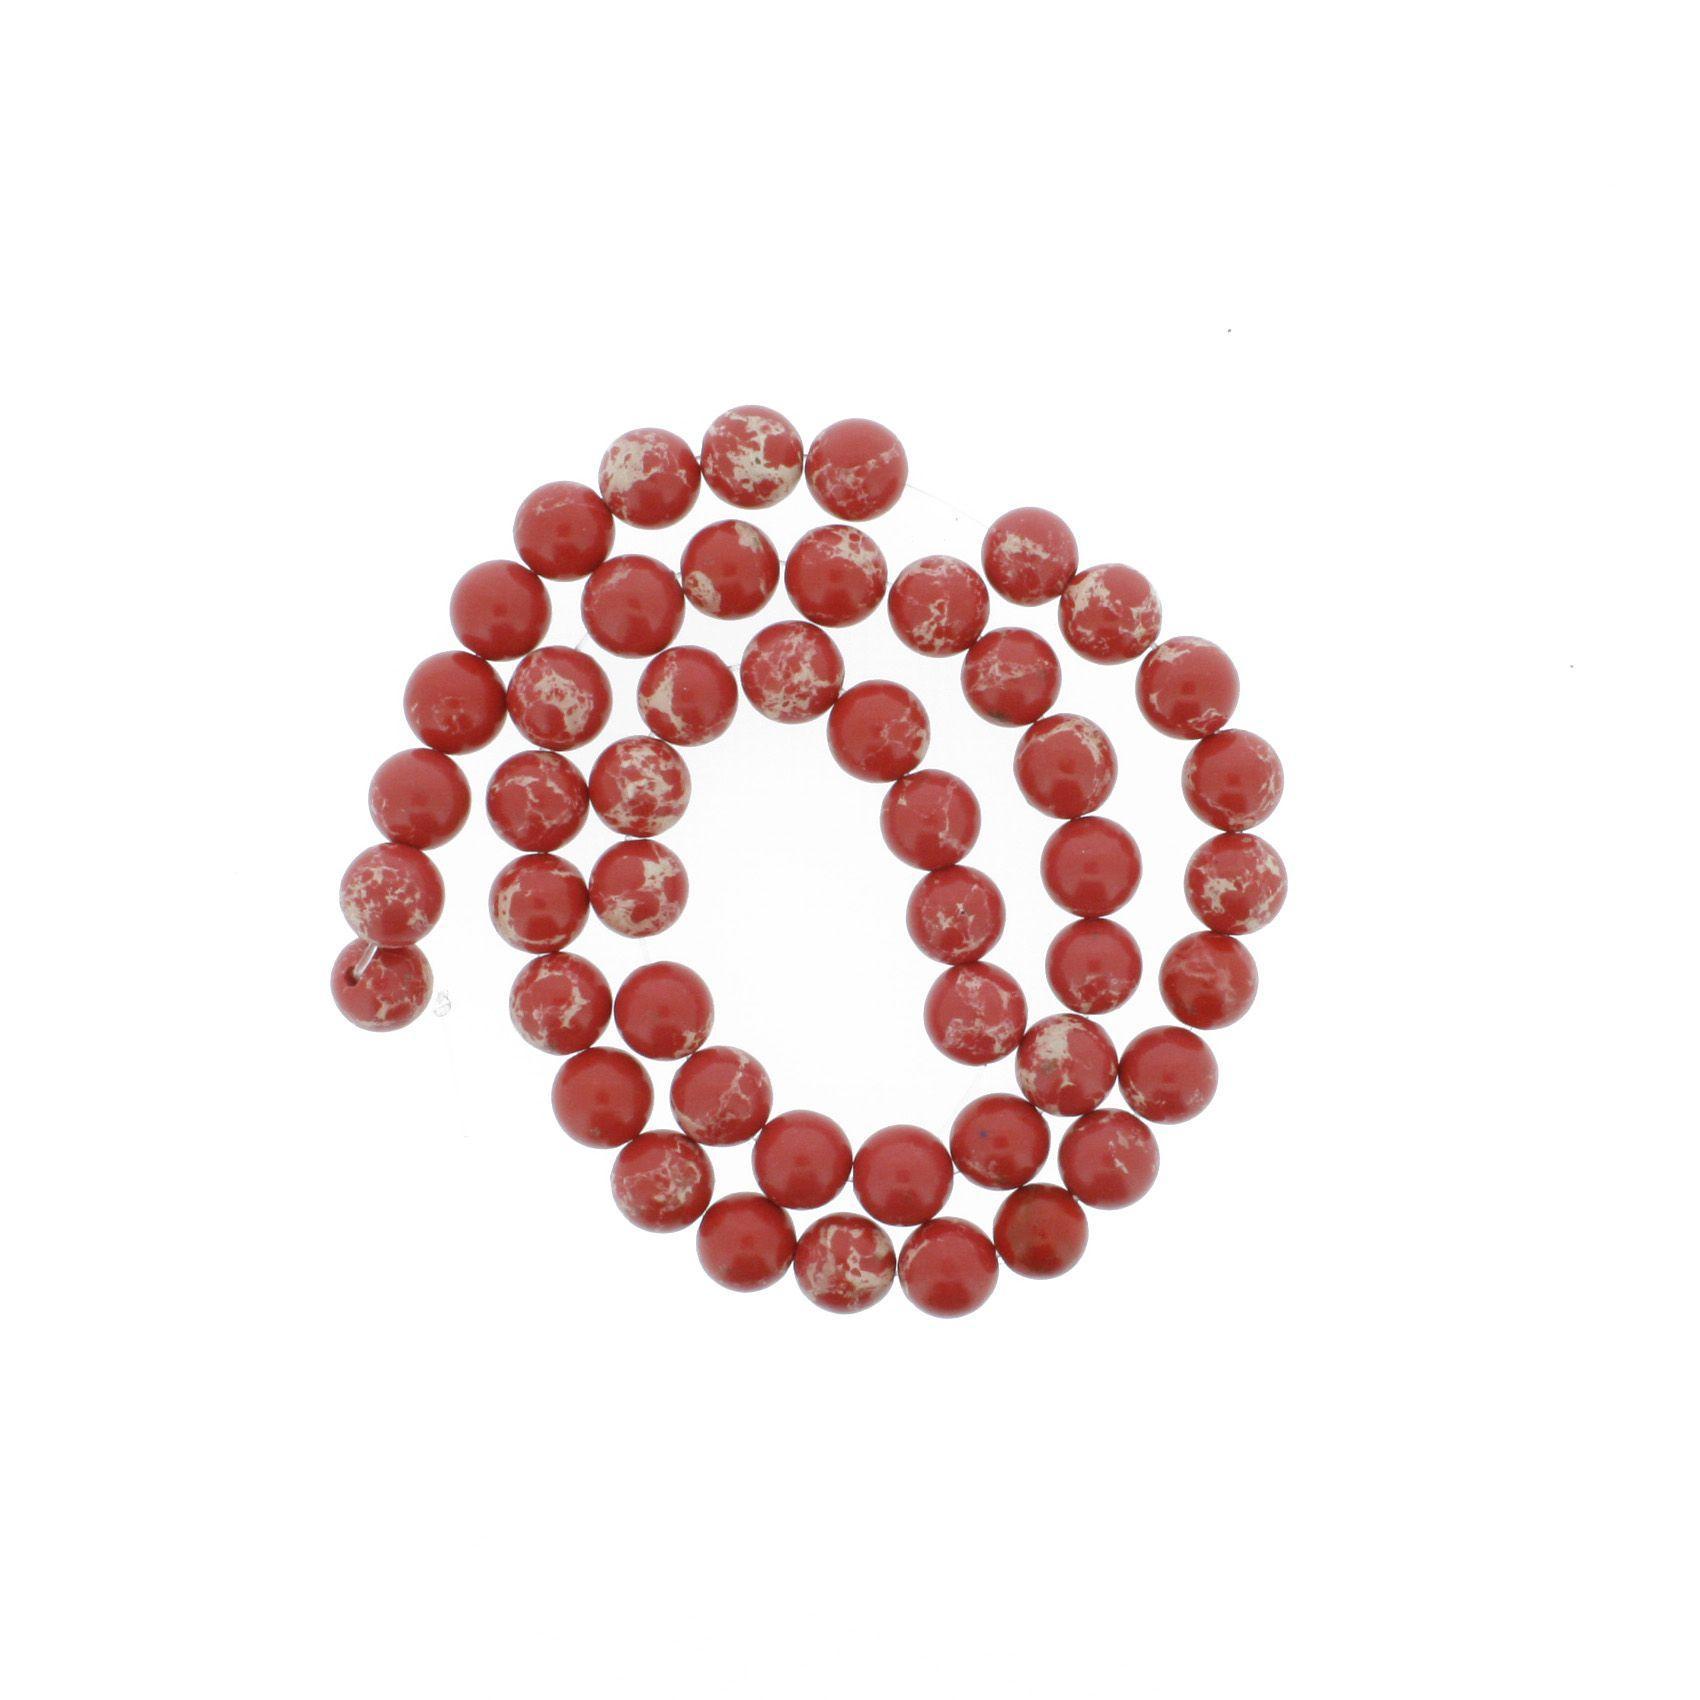 Fio de Pedra - Pietra® - Jaspe Imperial Vermelha - 8mm  - Universo Religioso® - Artigos de Umbanda e Candomblé